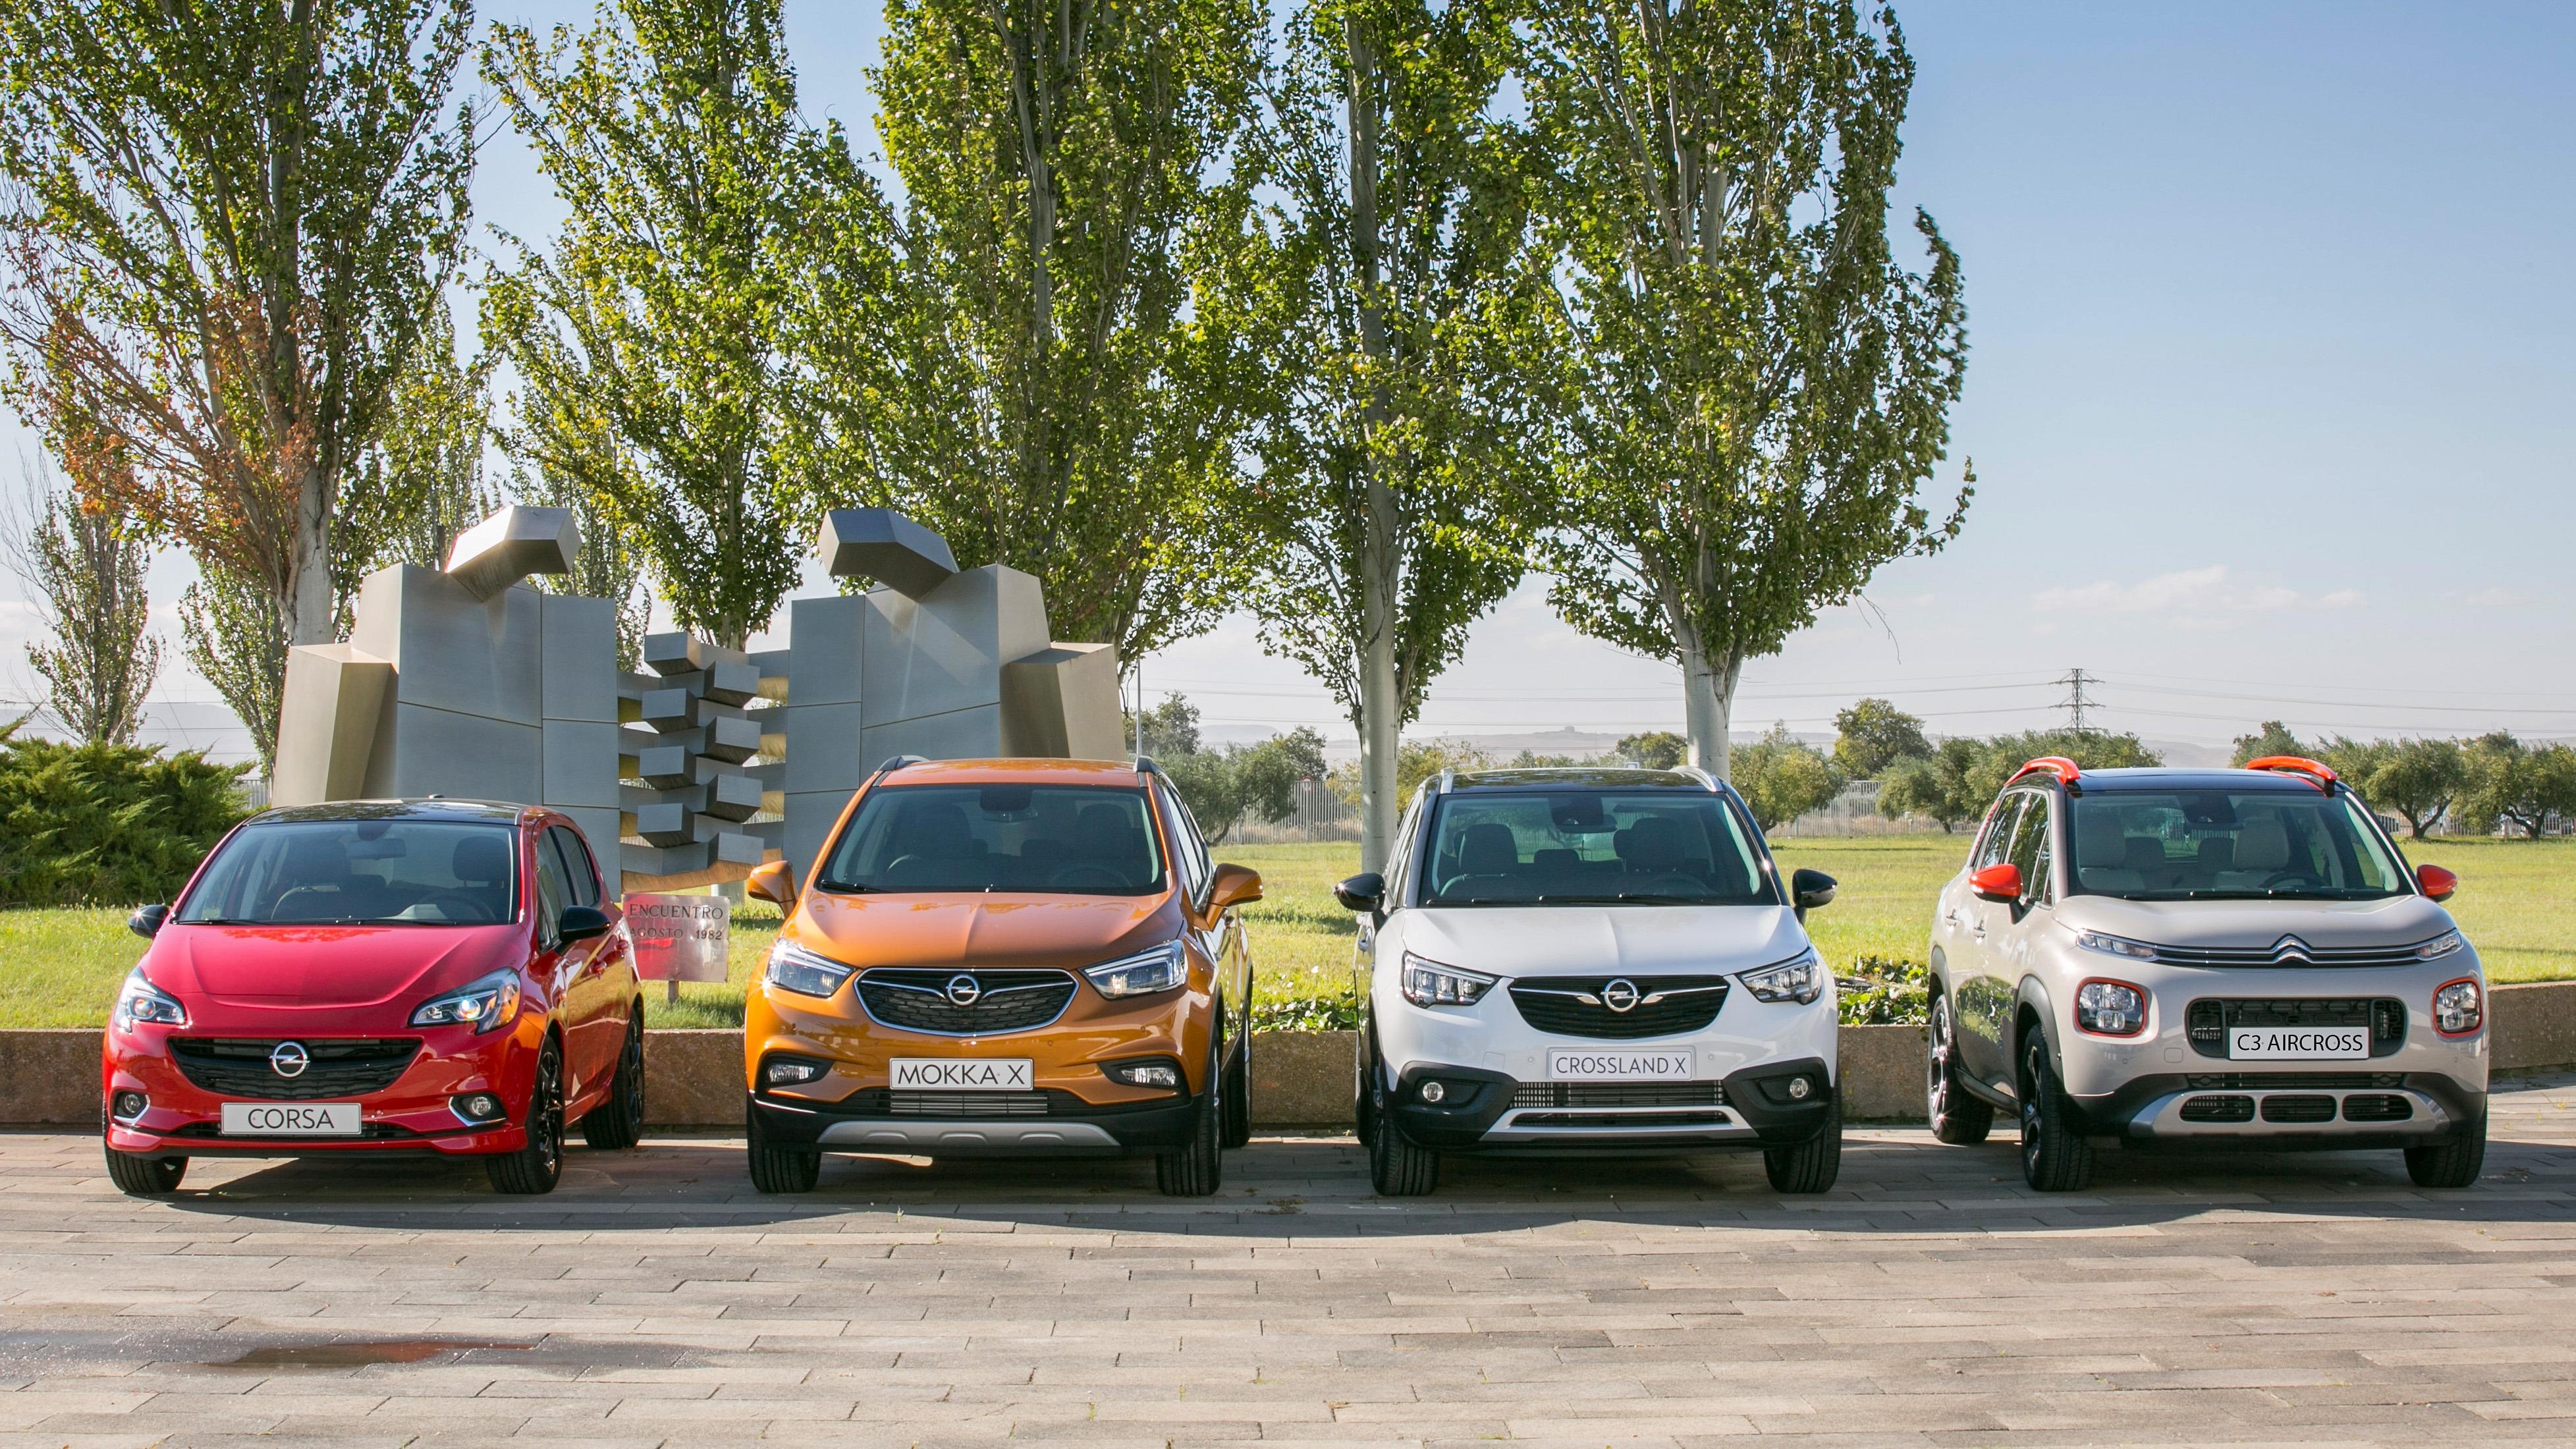 Zaragoza-Facility-Opel-501904